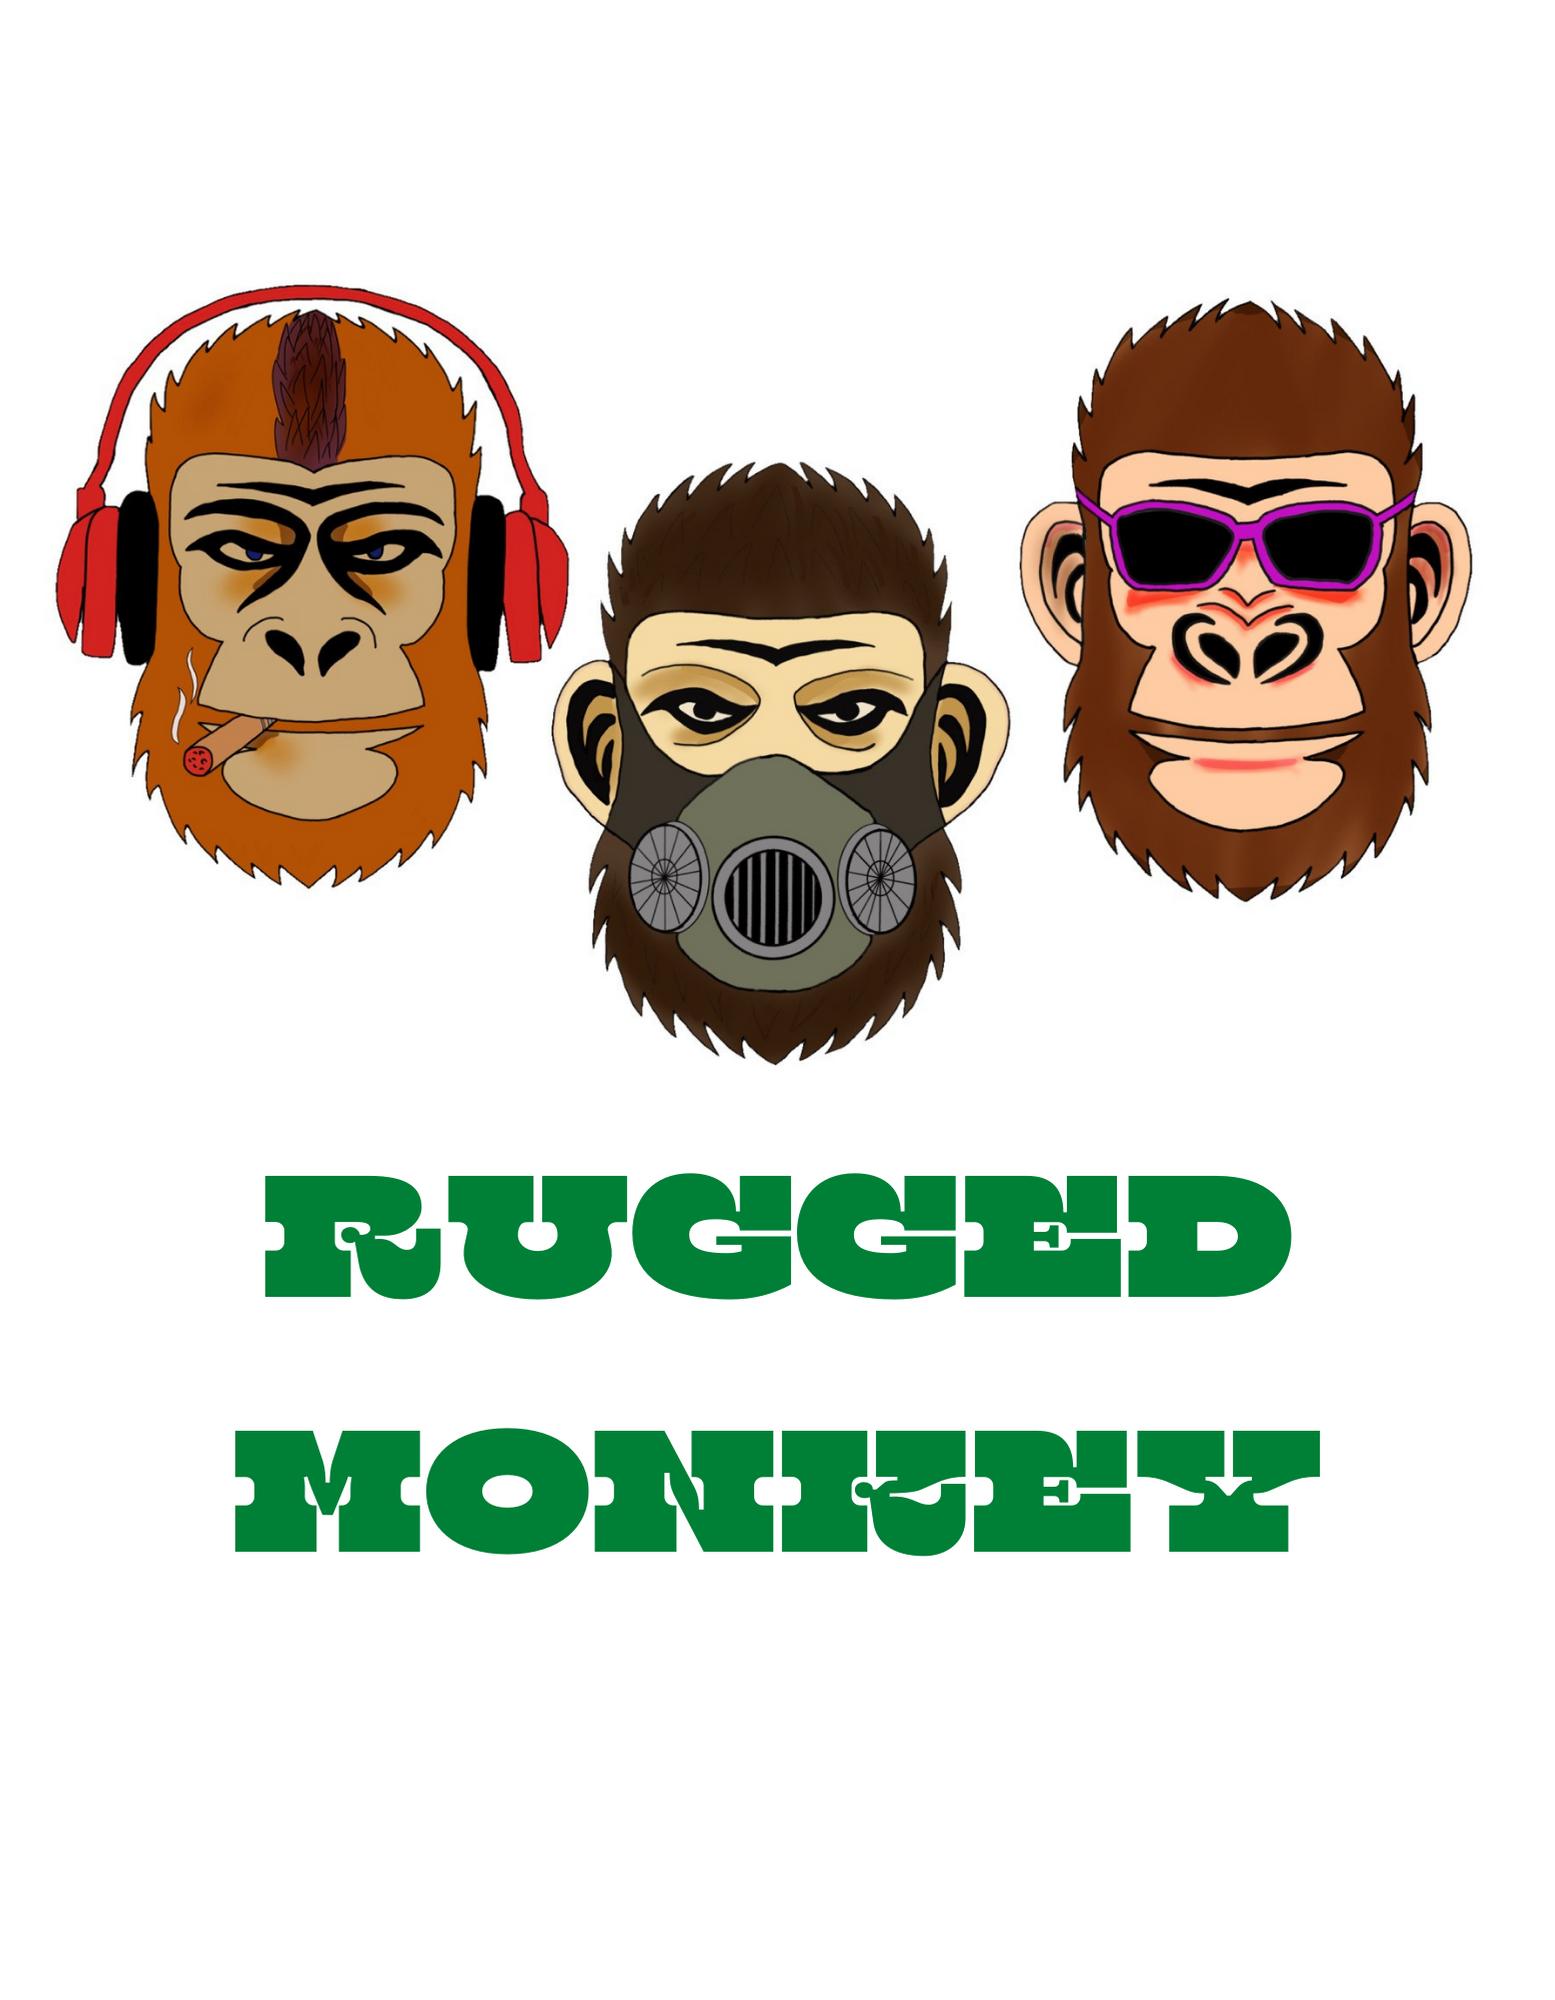 RUGGED MONKEY(見ざる聞かざる言わざる)Tシャツ ハイクオリティーTシャツ